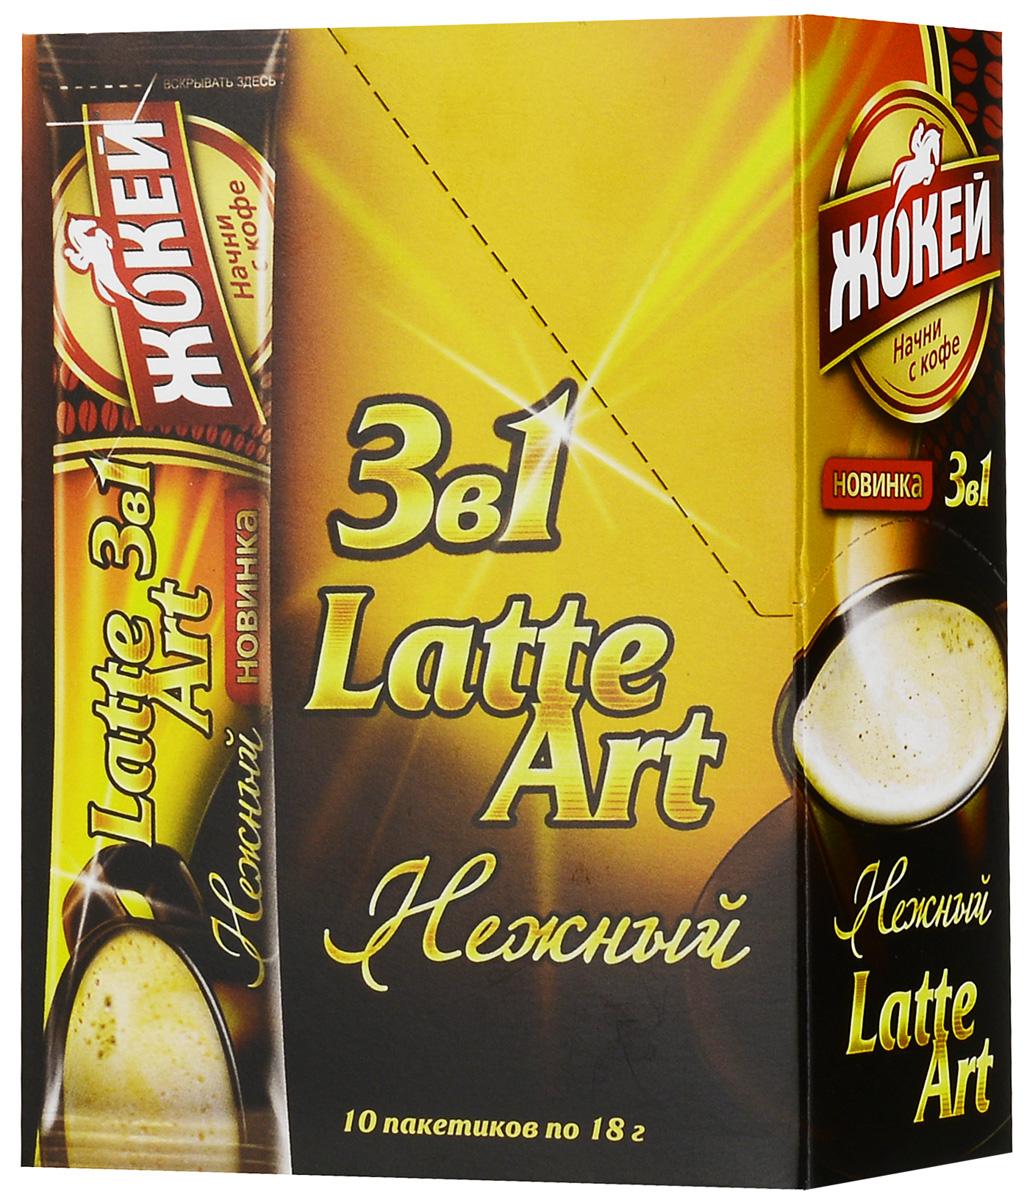 Жокей Latte Art растворимый кофейный напиток со вкусом молока, 10 шт0120710Растворимый кофейный напиток Жокей Latte Art с сахаром и сливками. Настоящий кофе латте.